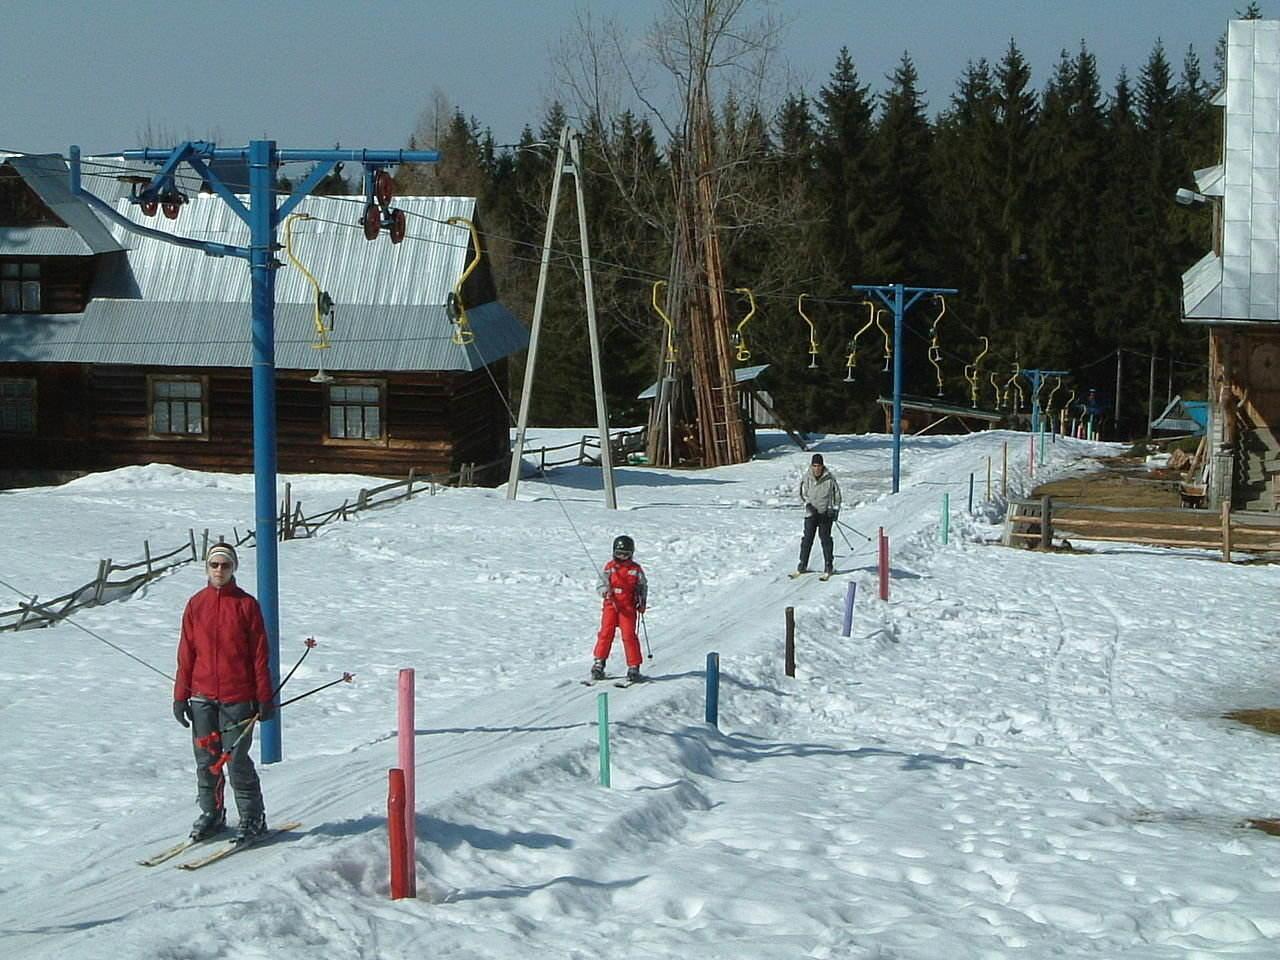 A Budget Ski Break In Zakopane Polands Winter Wonderland